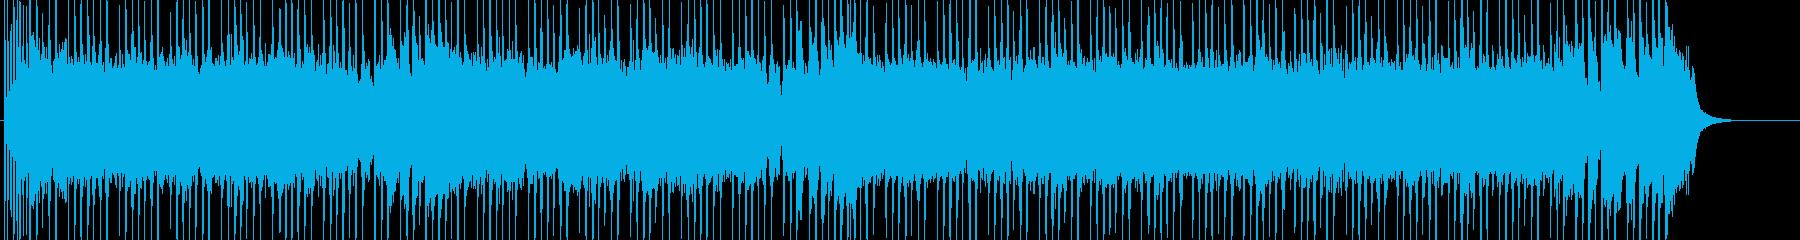 楽しいドライブをイメージしたロックの再生済みの波形